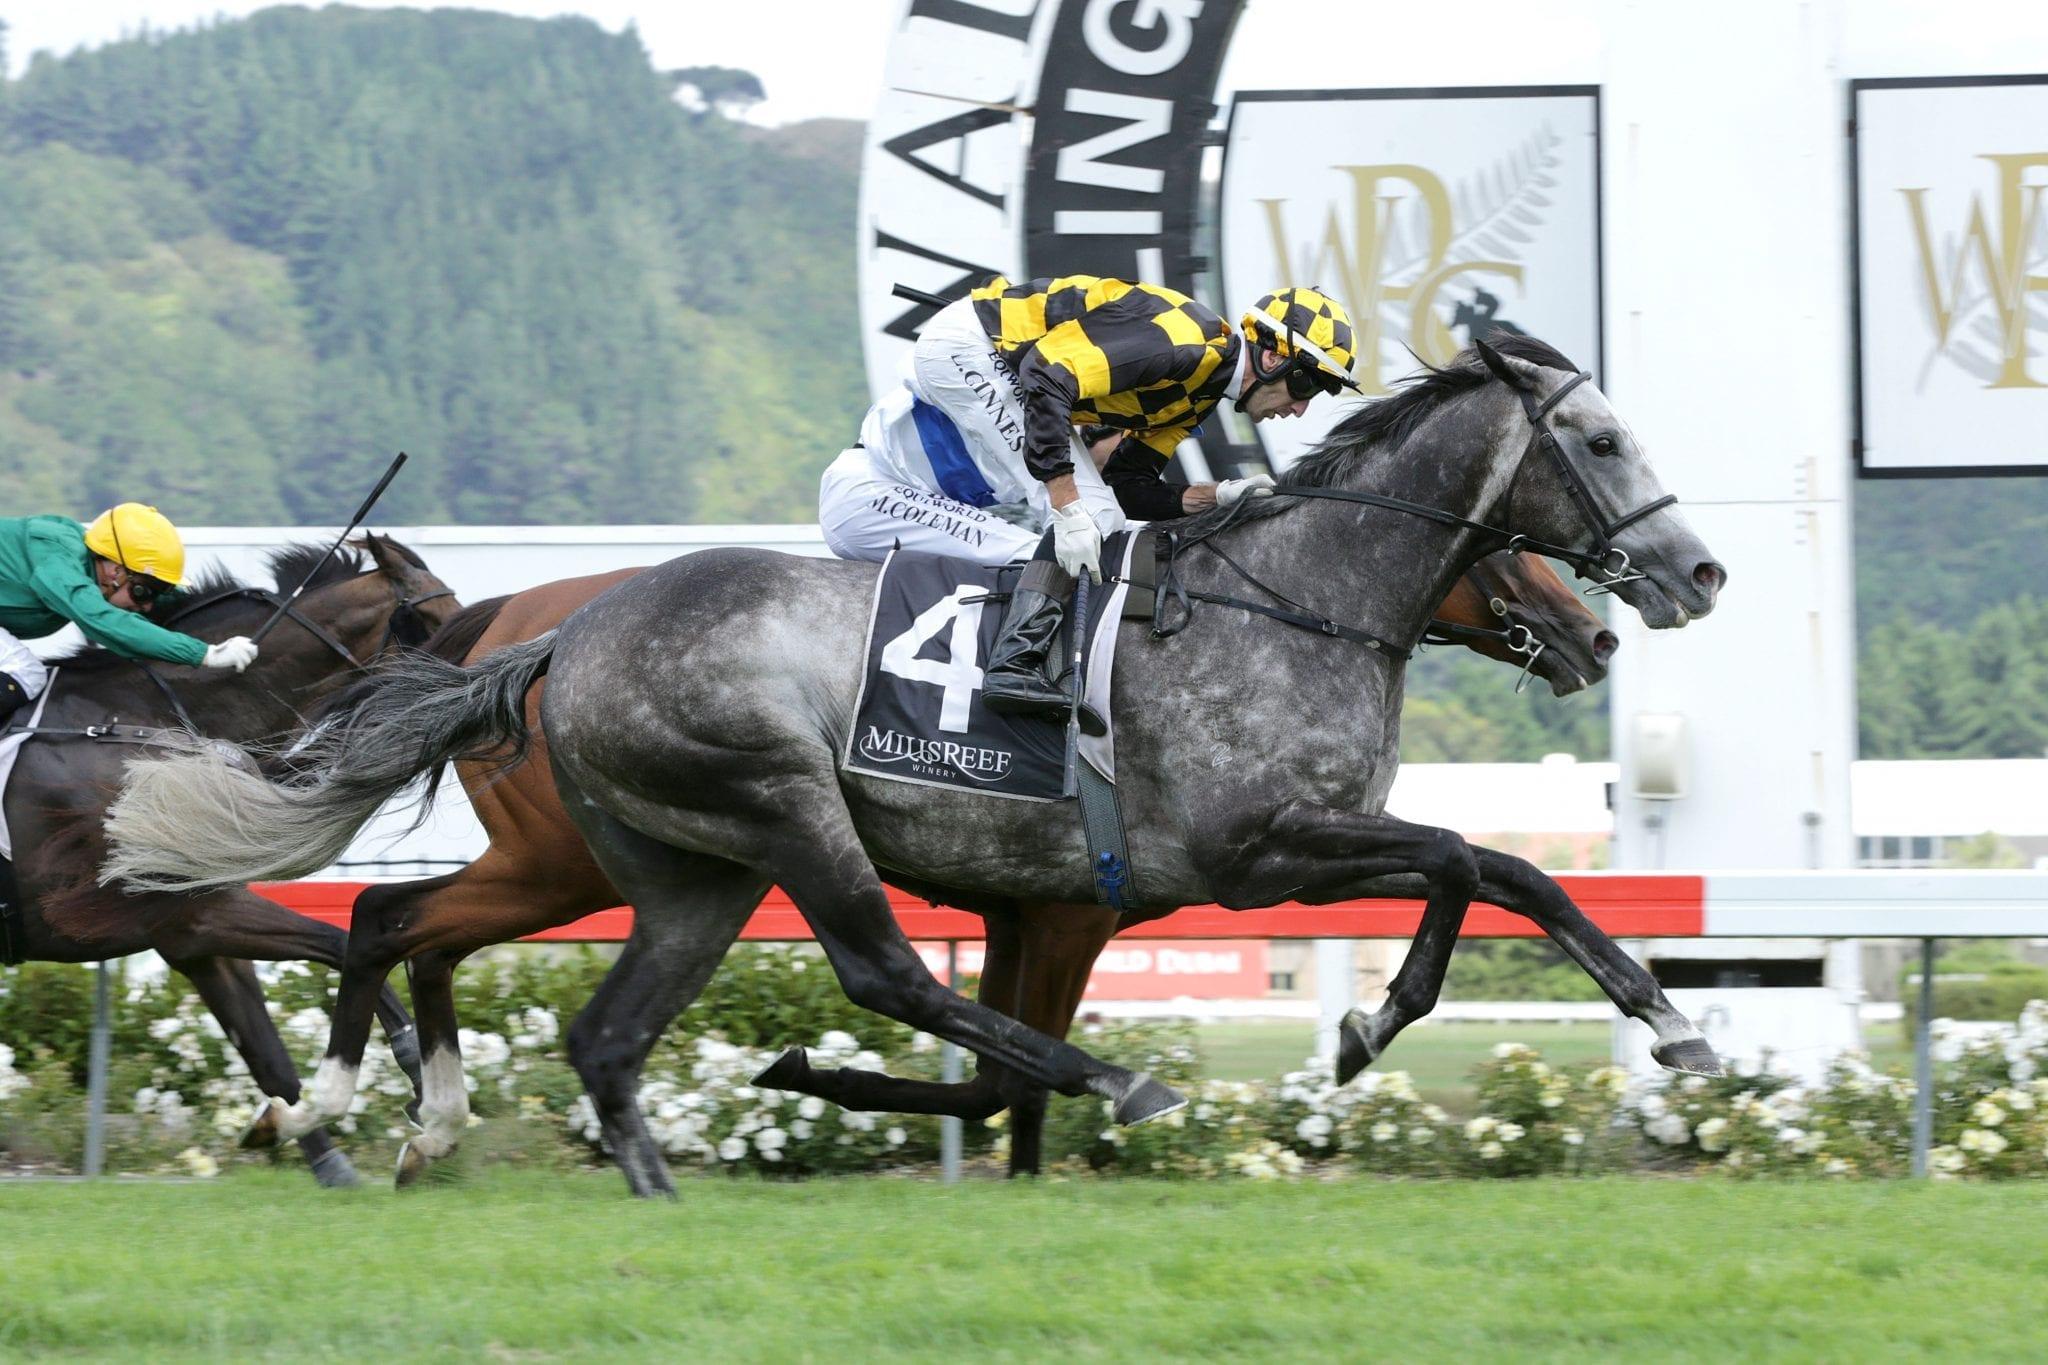 Von Tunzelman winning the Trentham Stakes